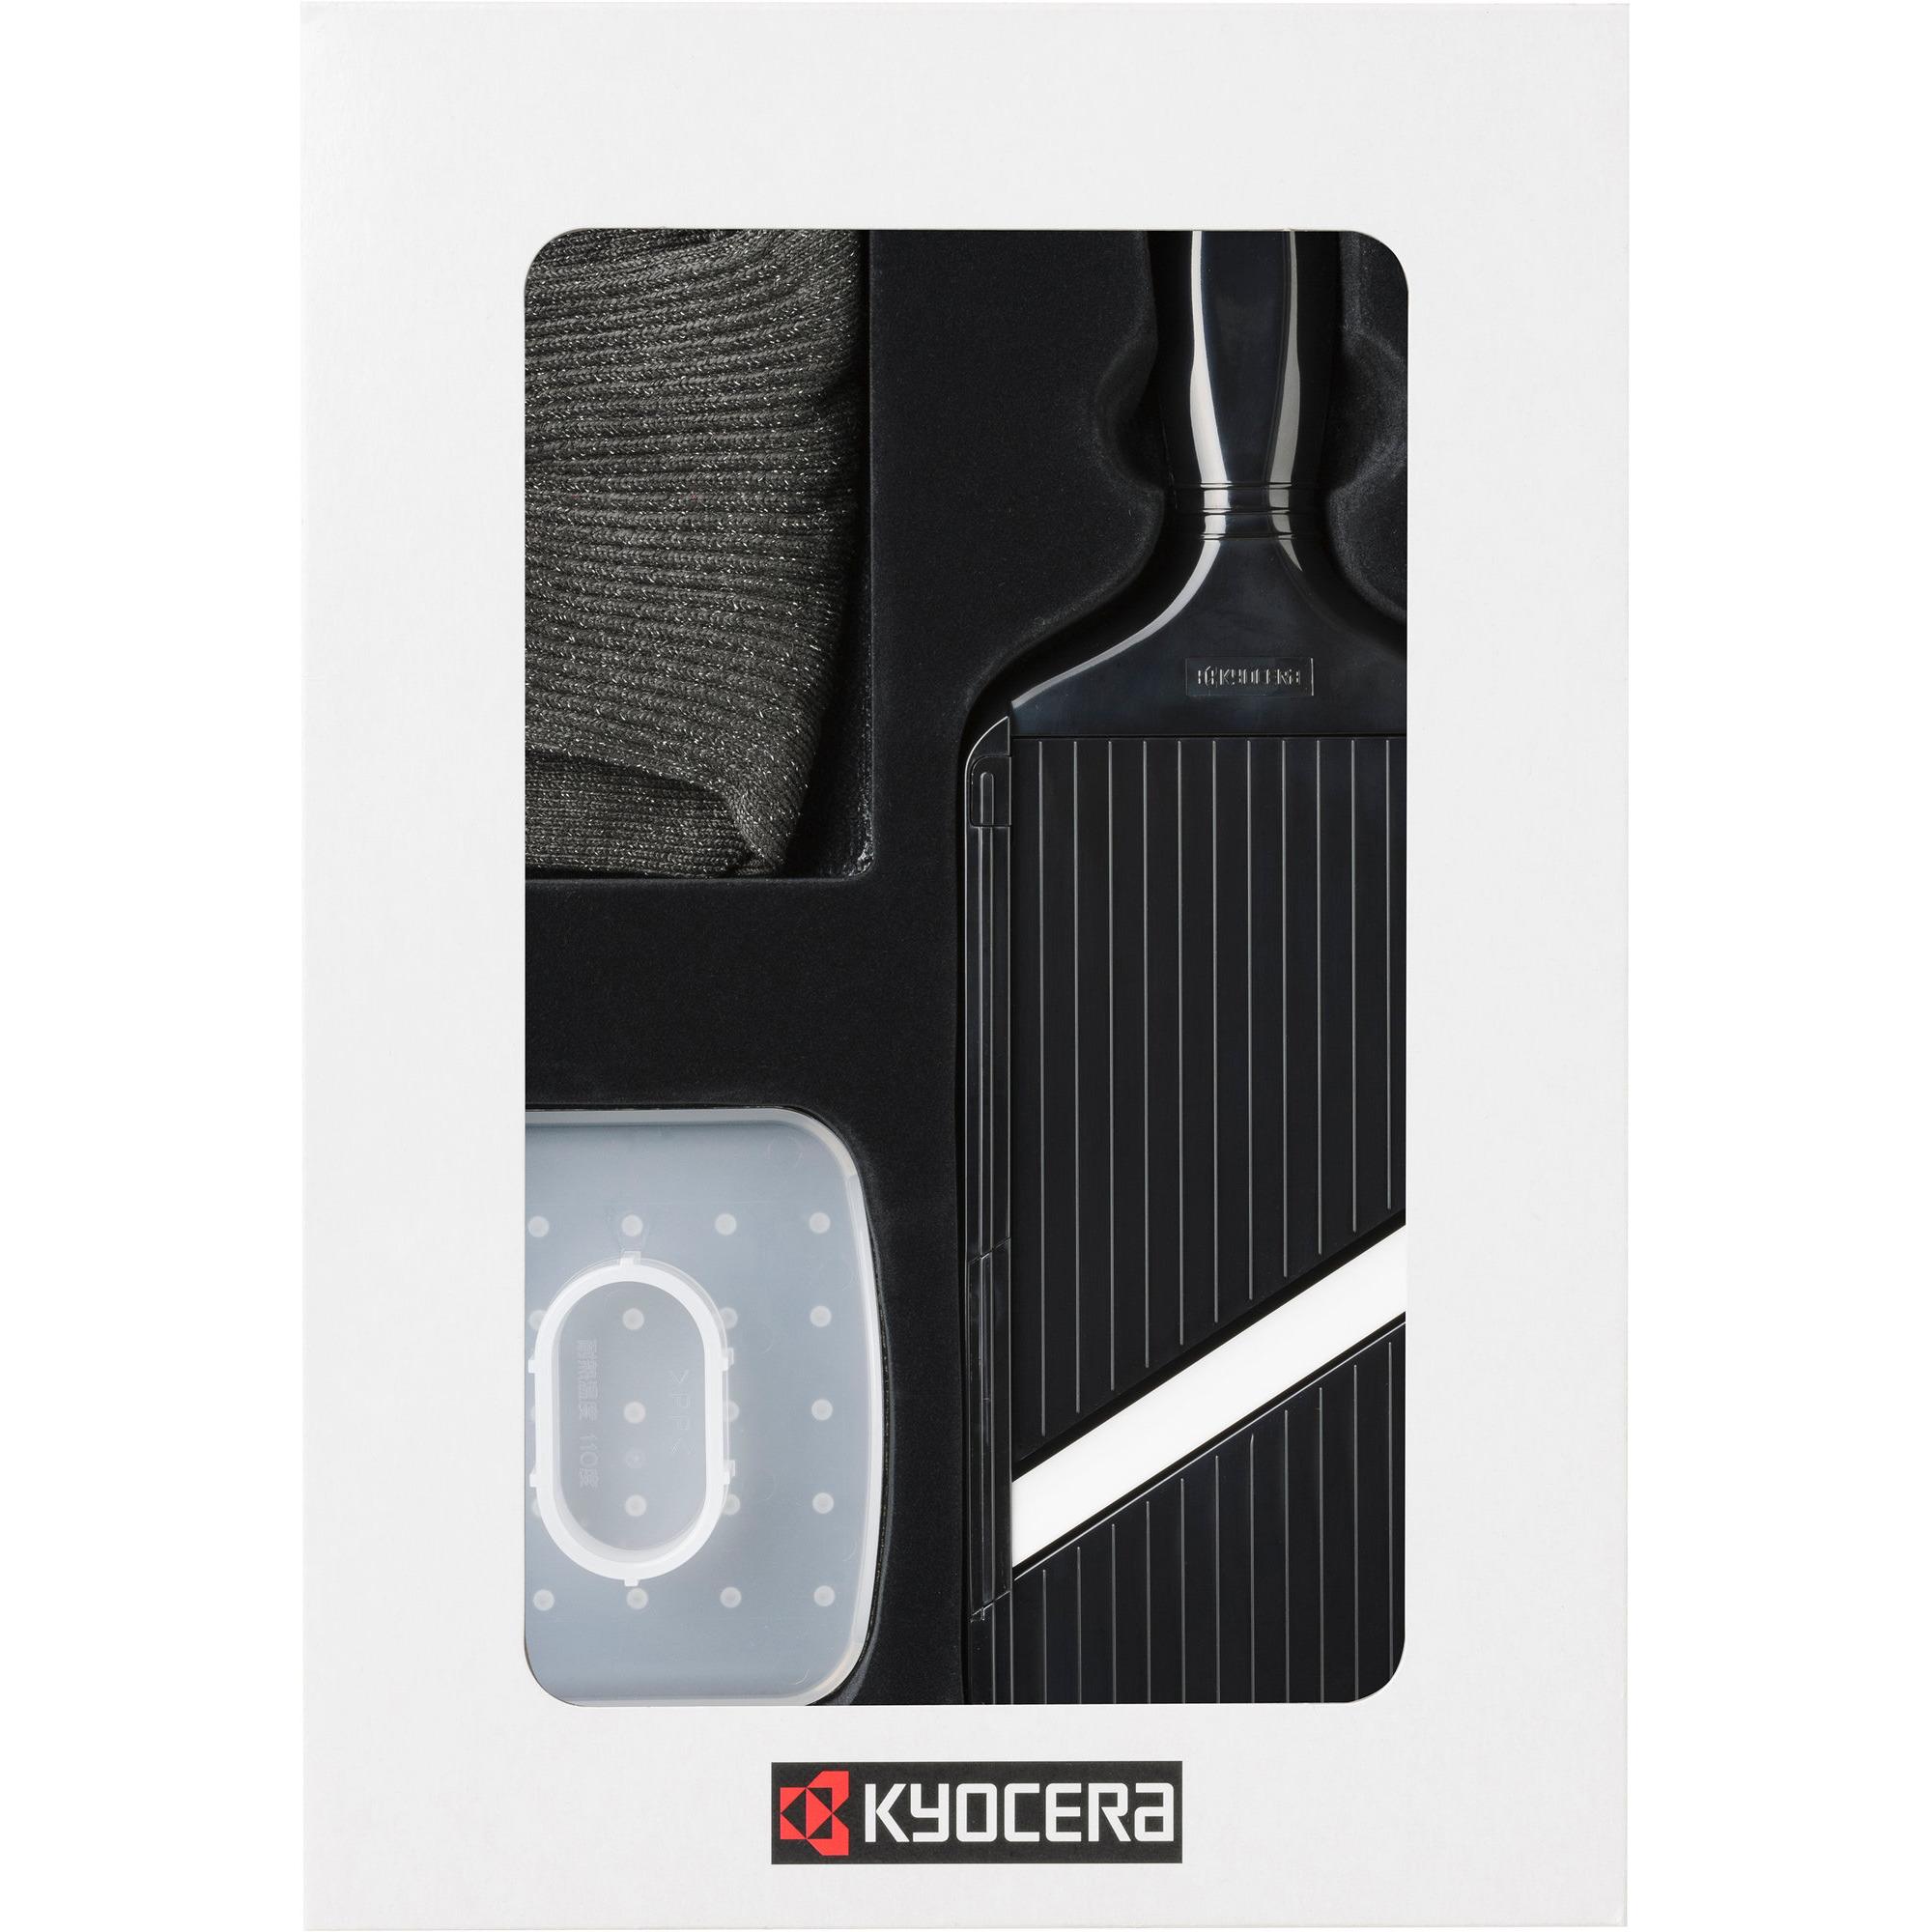 Kyocera Mandolin Med Handske